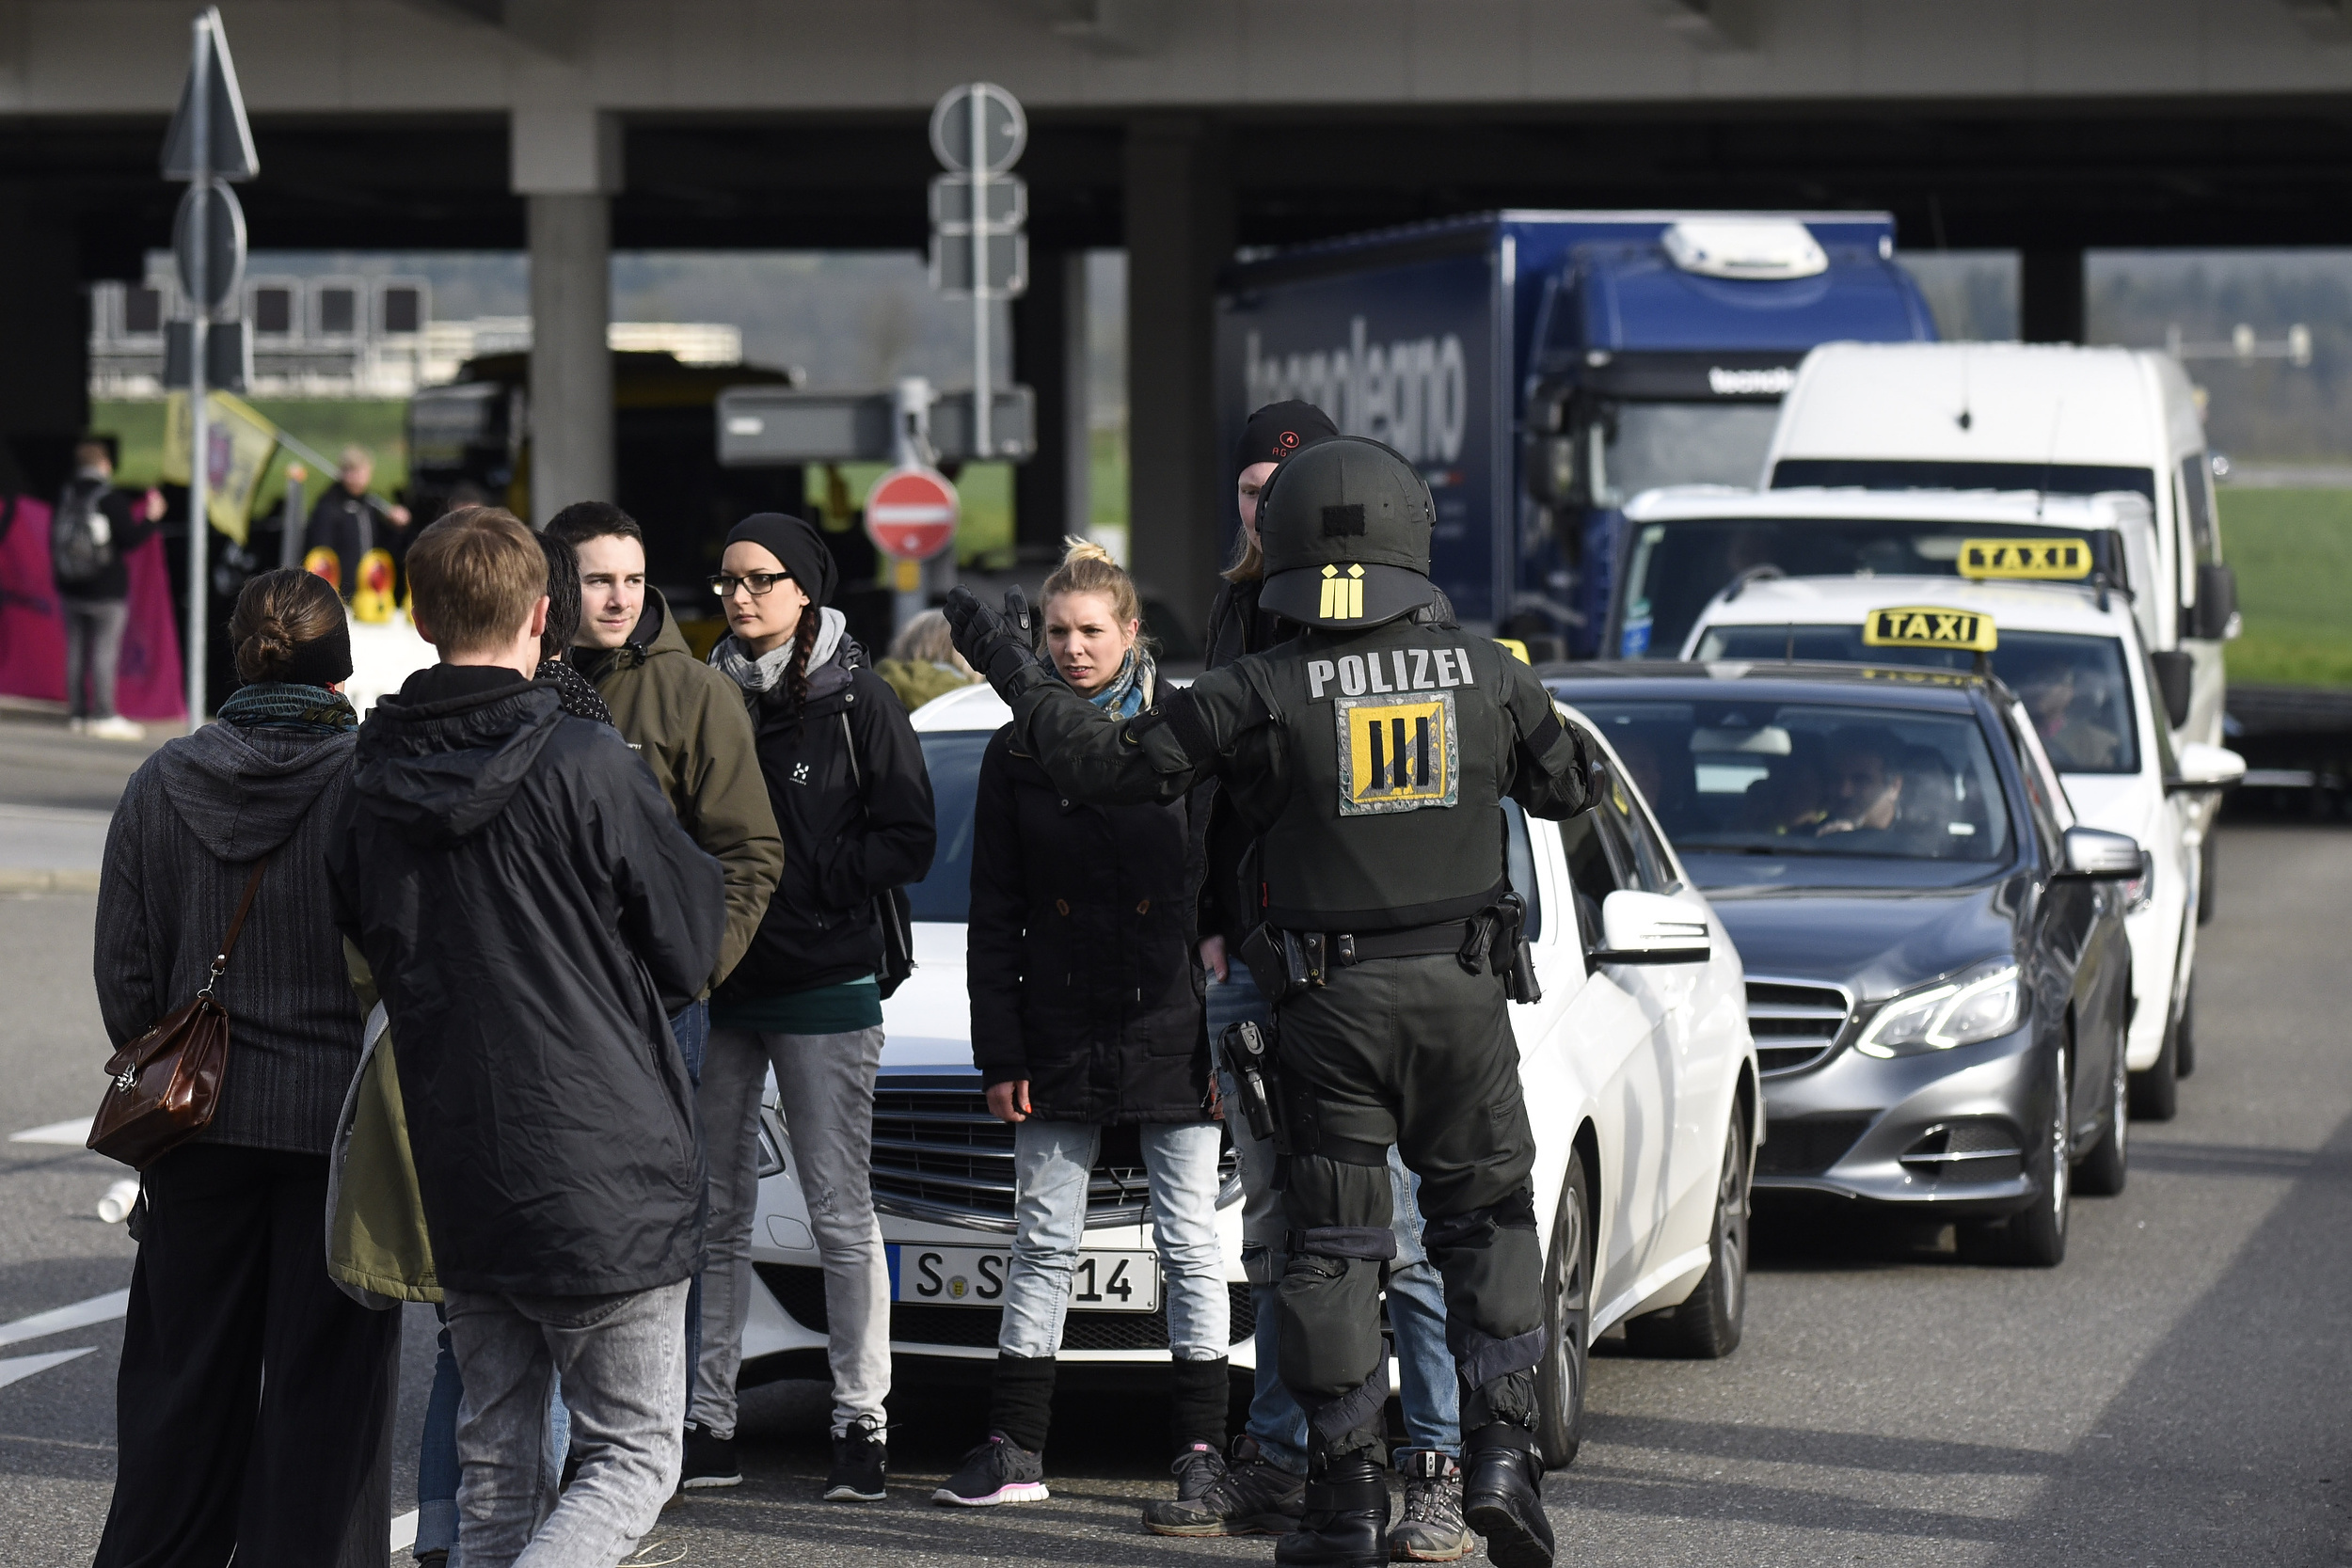 NRW-Innenminister: Streifenpolizisten sollen Attentäter stoppen